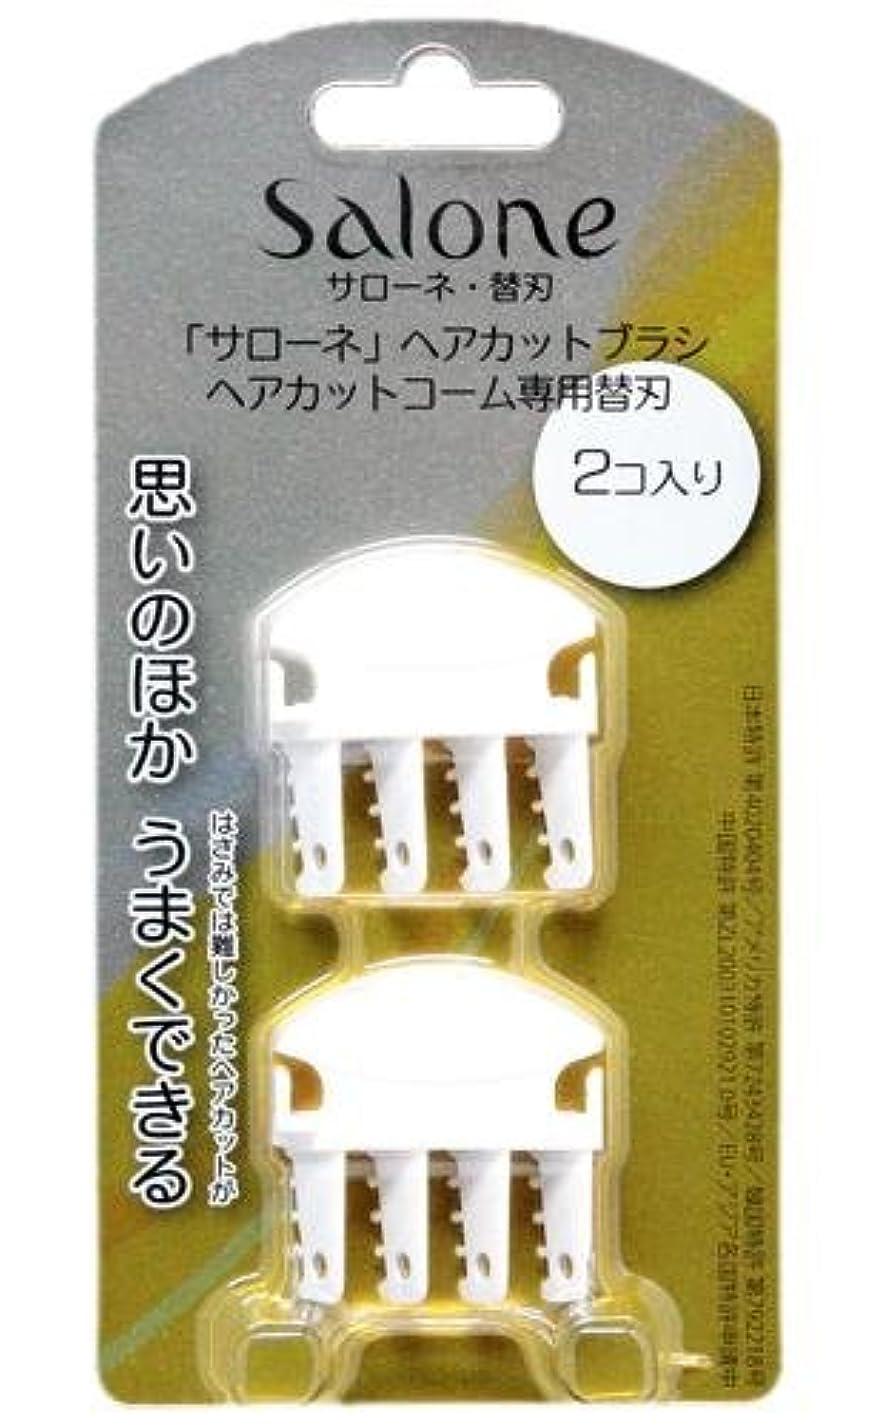 母音さらにコインランドリー「サローネ」ヘアカットブラシ ヘアカットコーム専用替刃